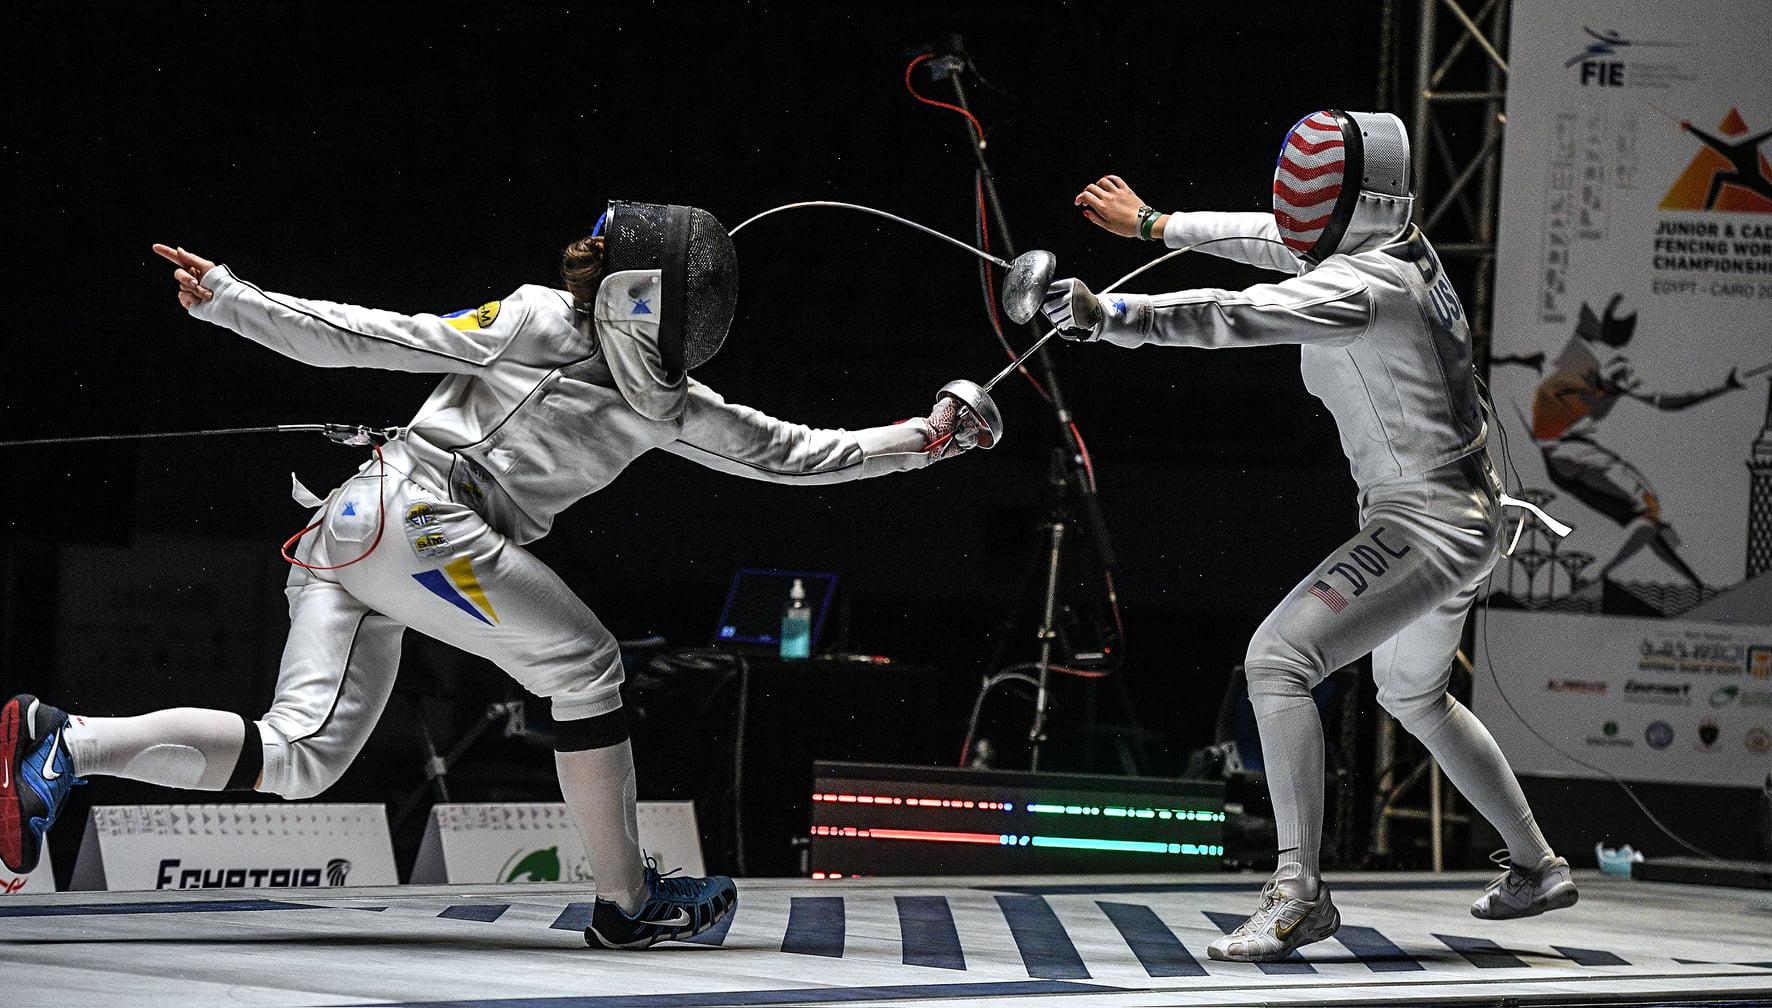 ЮЧС 2021 Каїр: Анастасія Зеленцова здобуває третю для України медаль чемпіонату світу